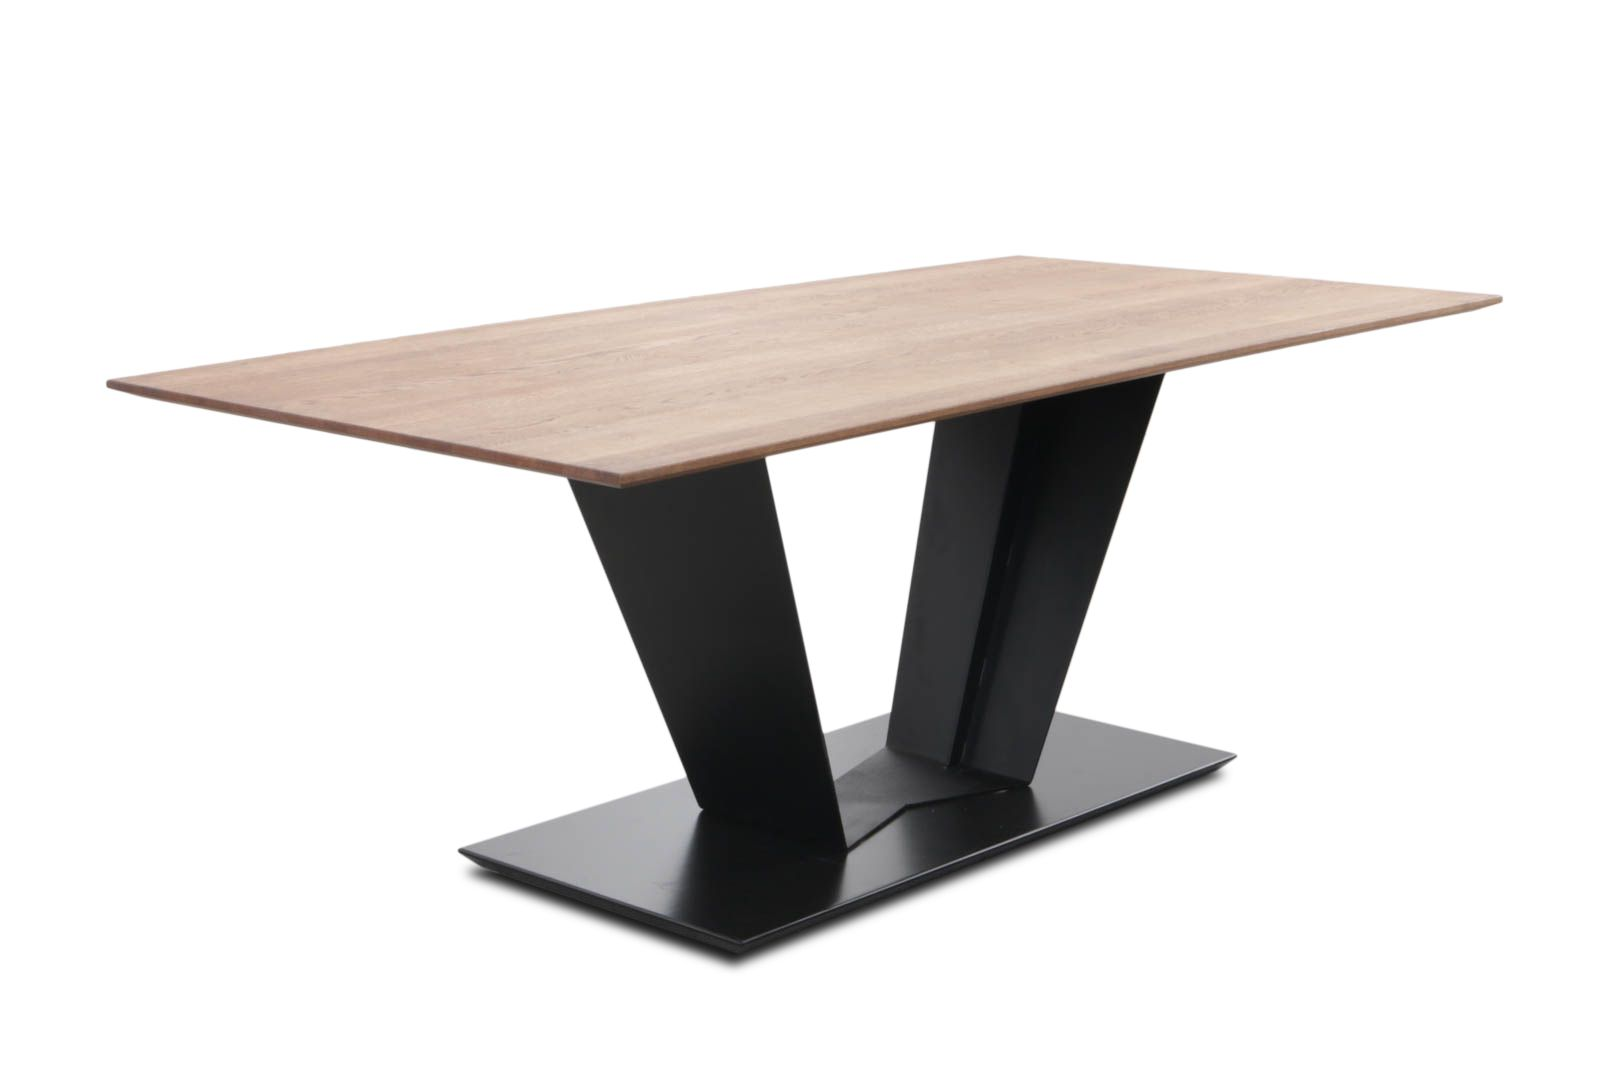 5254 Tisch Genießen Sie Ihr nächstes Dinner an diesem traumhaft schönen Tisch. Das eher außergewöhnliche Design wird vom Materialmix aus Massivholz und Metall unterstrichen und macht den Tisch zum Highlight. SiLaxx® ist...